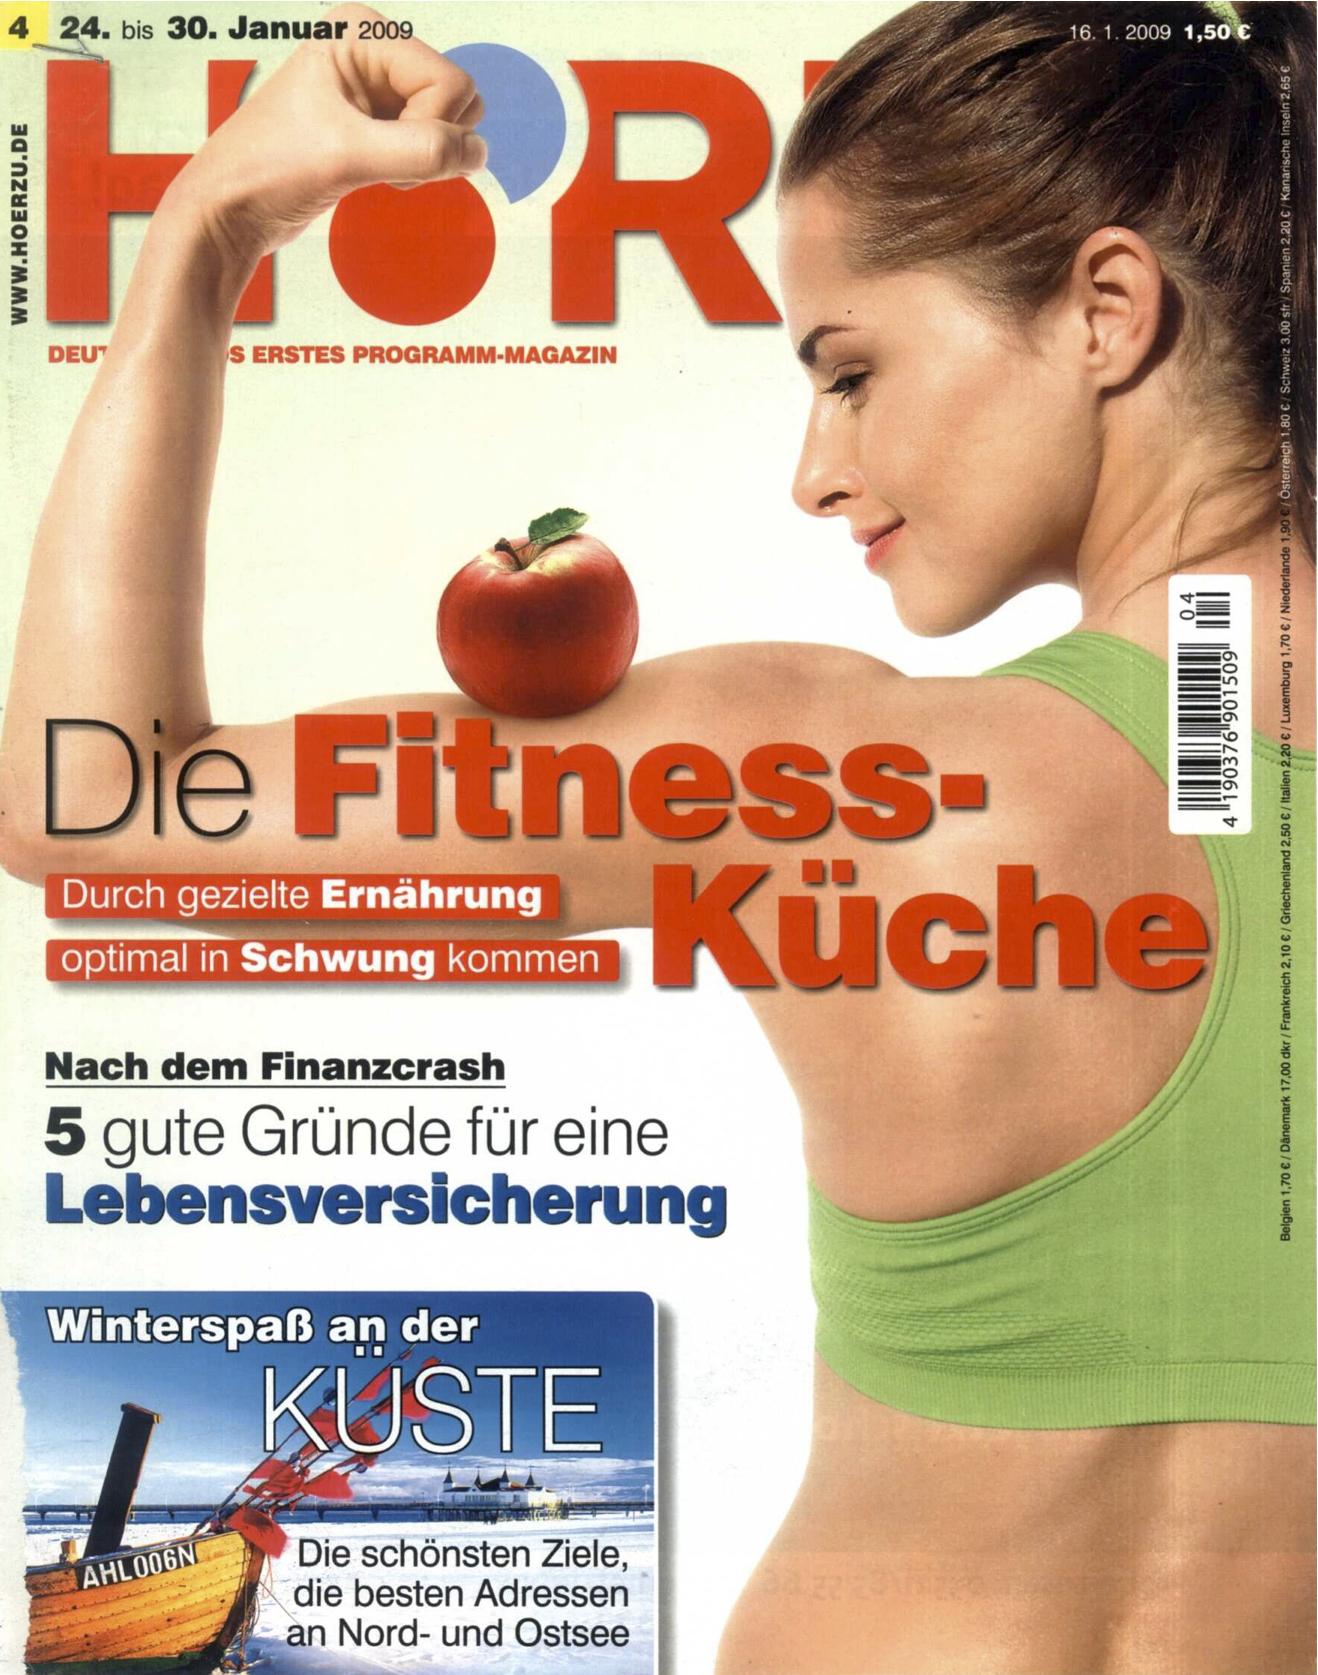 HZ_16.1.2009_Cover.jpg